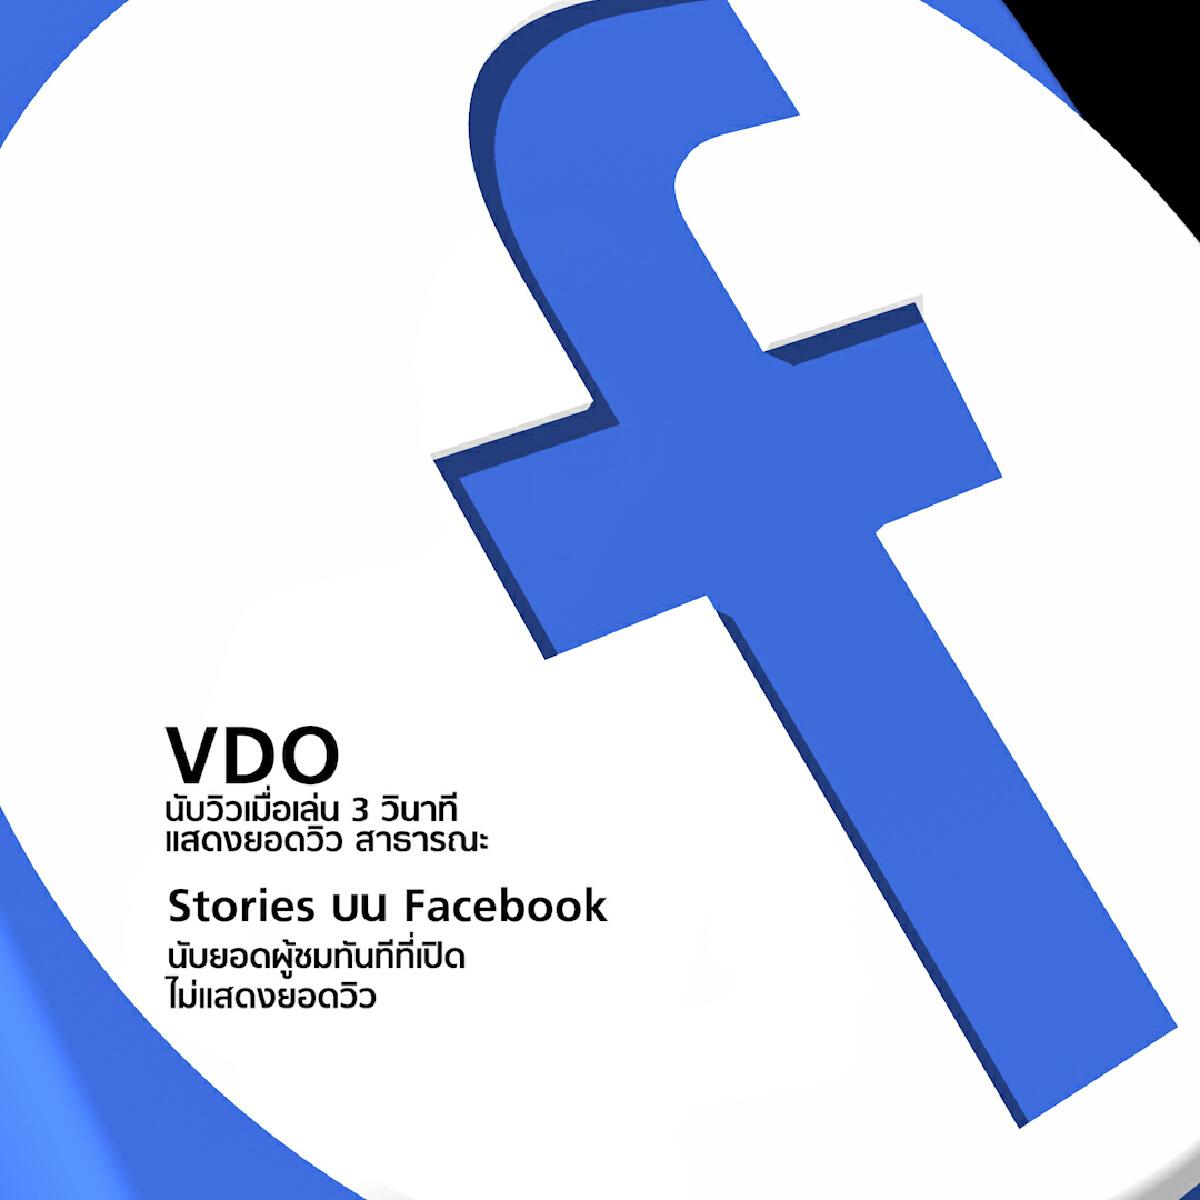 รวมวิธีนับยอดวิว Youtube, Facebook, Instagram, Tiktok และแพลตฟอร์มอื่น